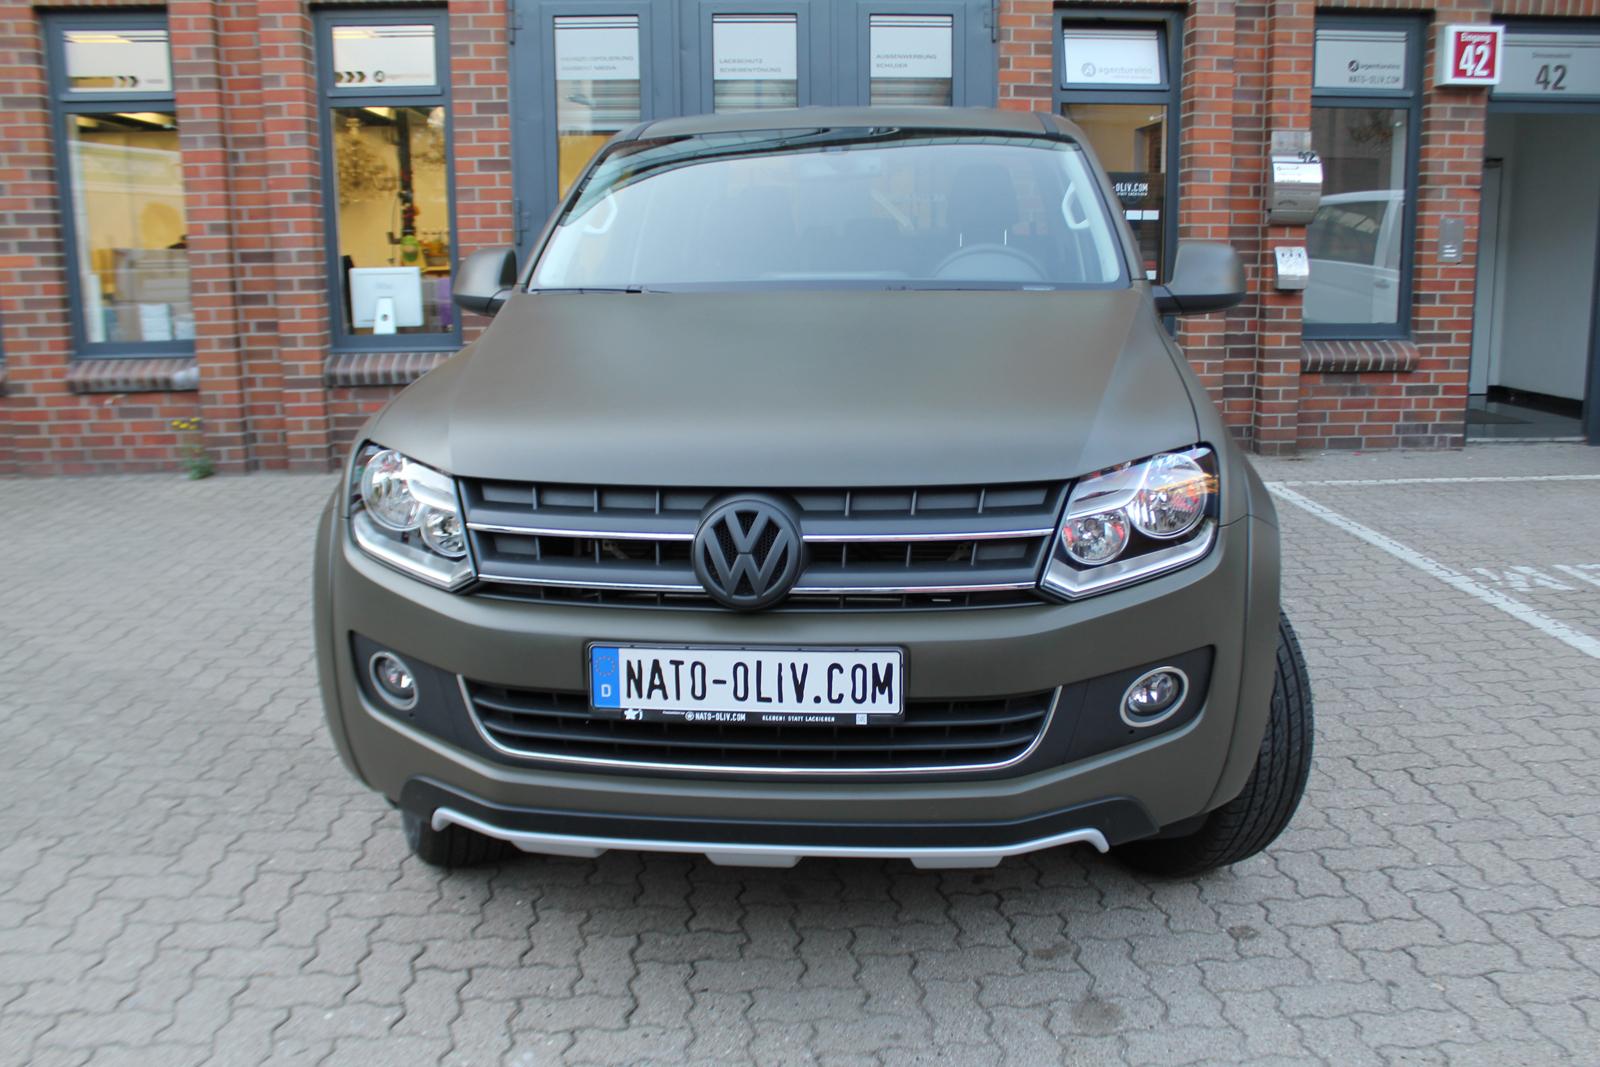 VW_AMAROK_FOLIERUNG_NATO-OLIV_MATT_BESCHRIFTUNG_03